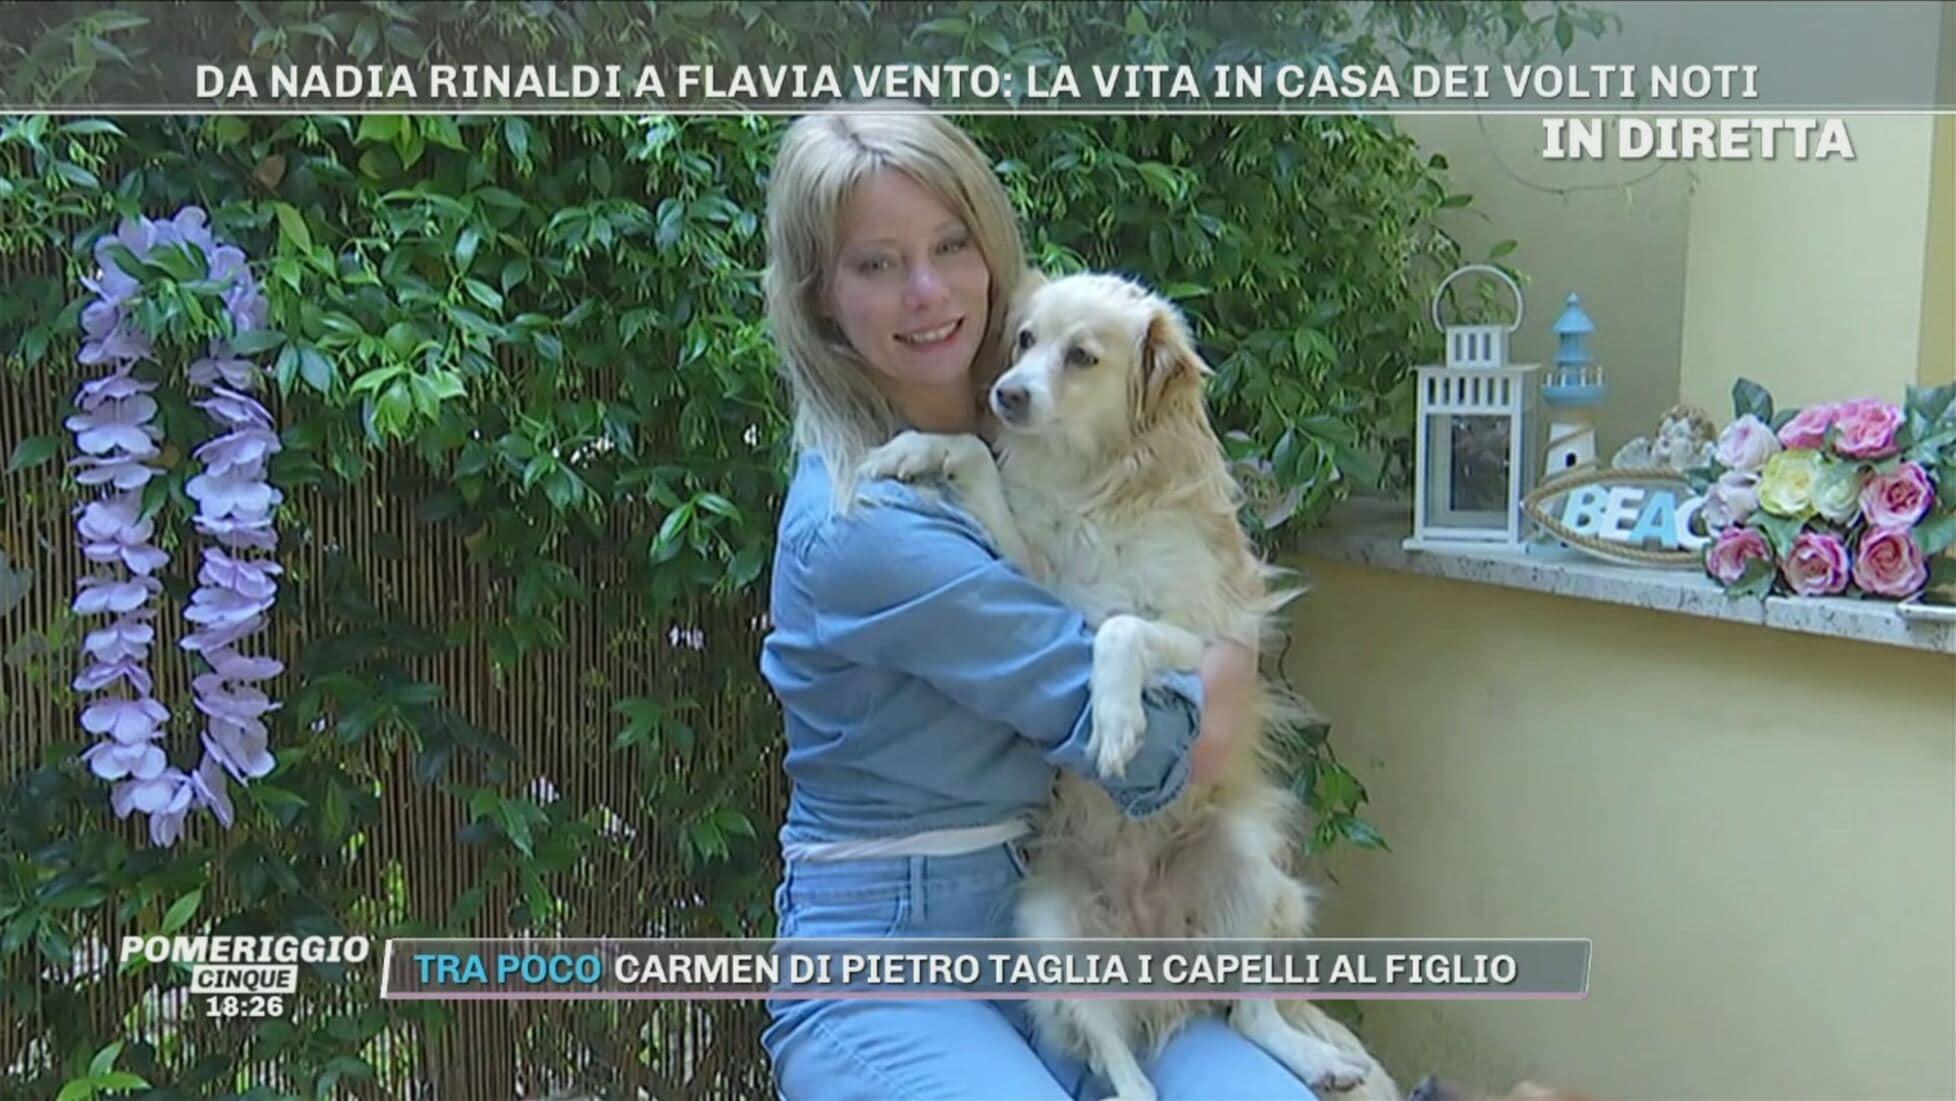 Flavia Vento al Grande Fratello Vip con i suoi 7 cani: l'indiscrezione